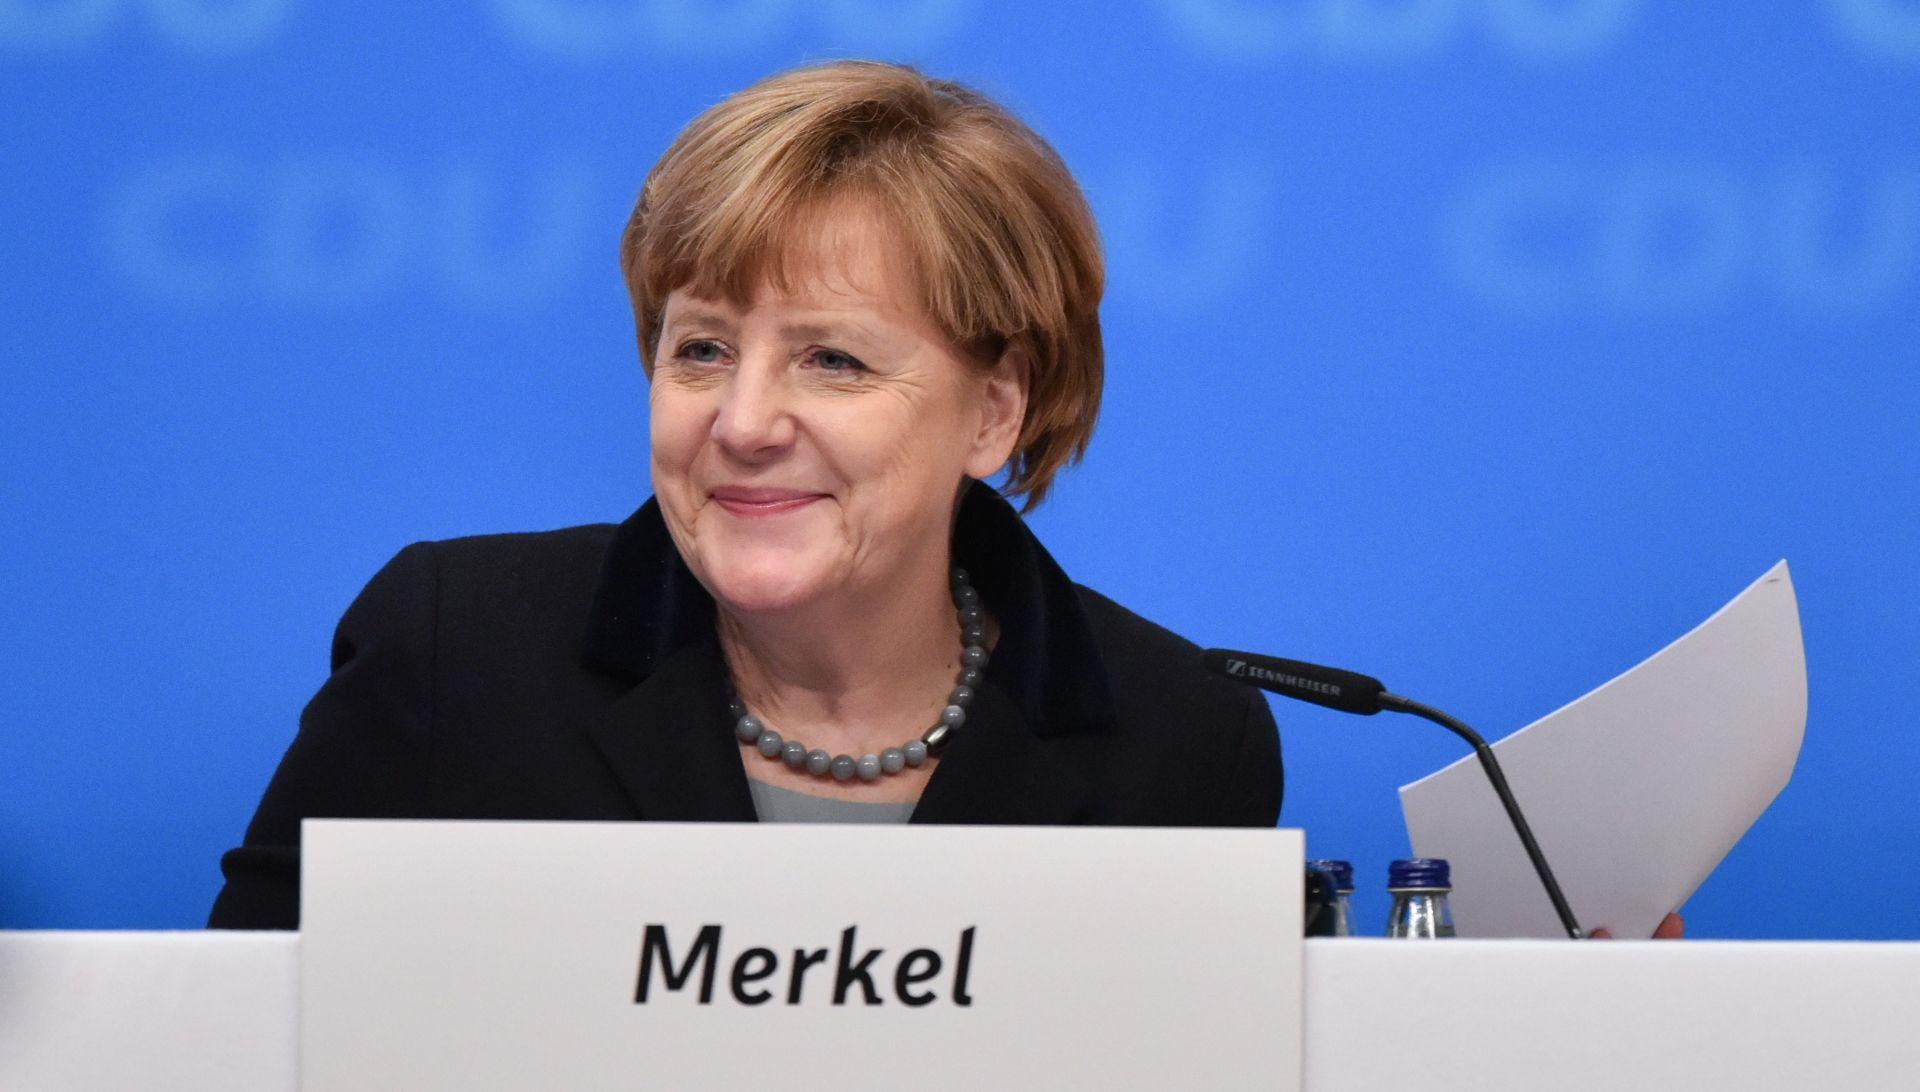 Novogodišnji govor Angele Merkel na ZDF-u online s titlovima na arapskom i engleskom